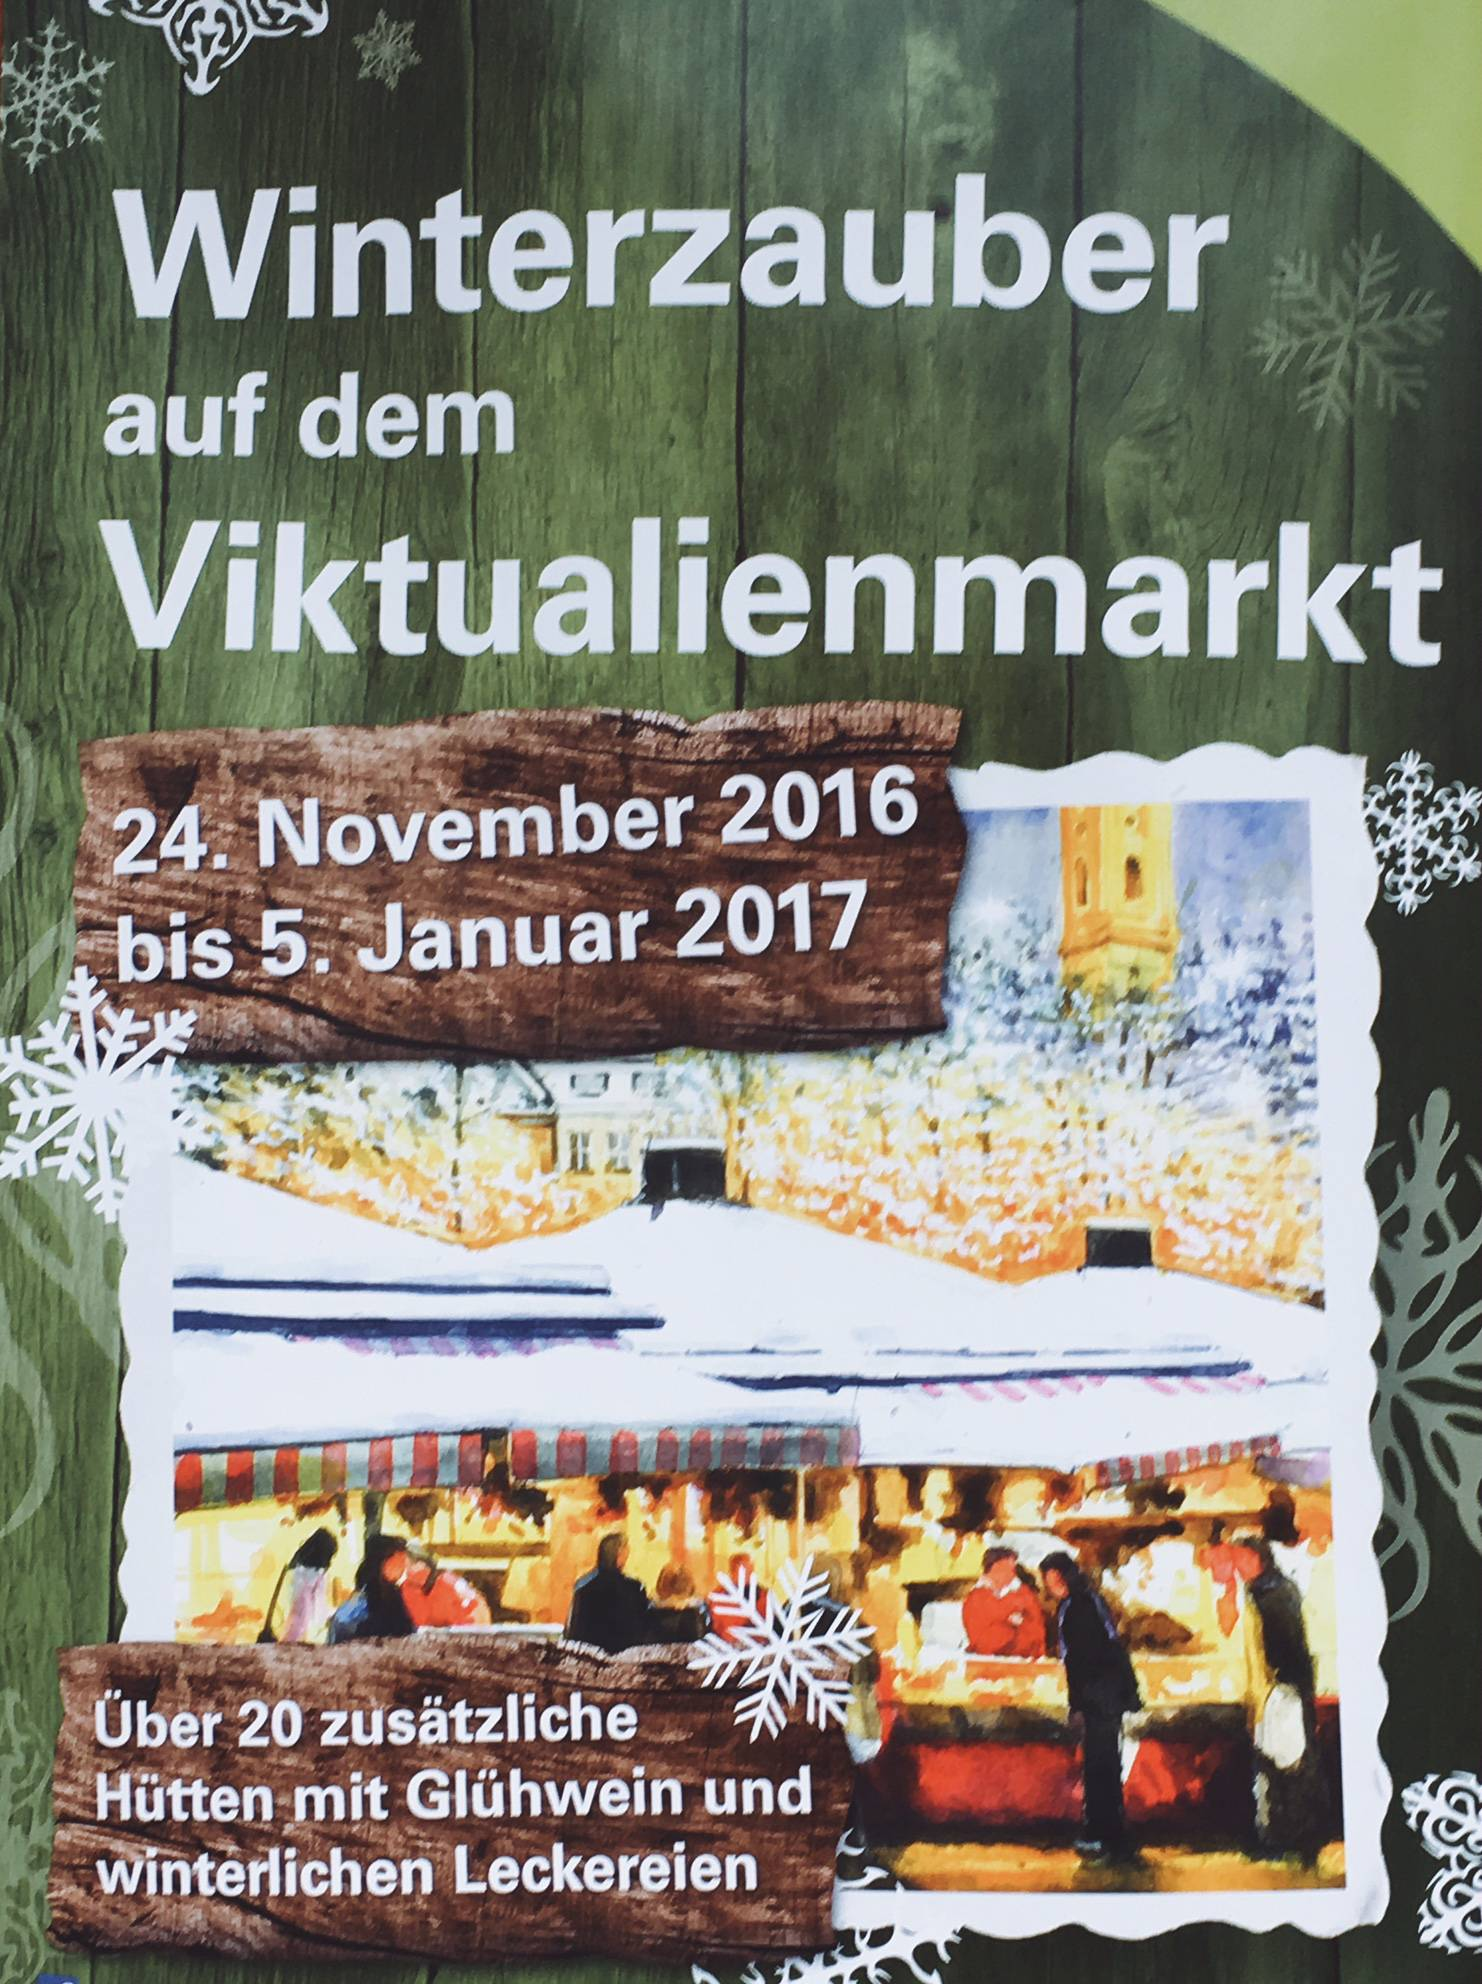 Winterzauber auf dem Viktualienmarkt, München